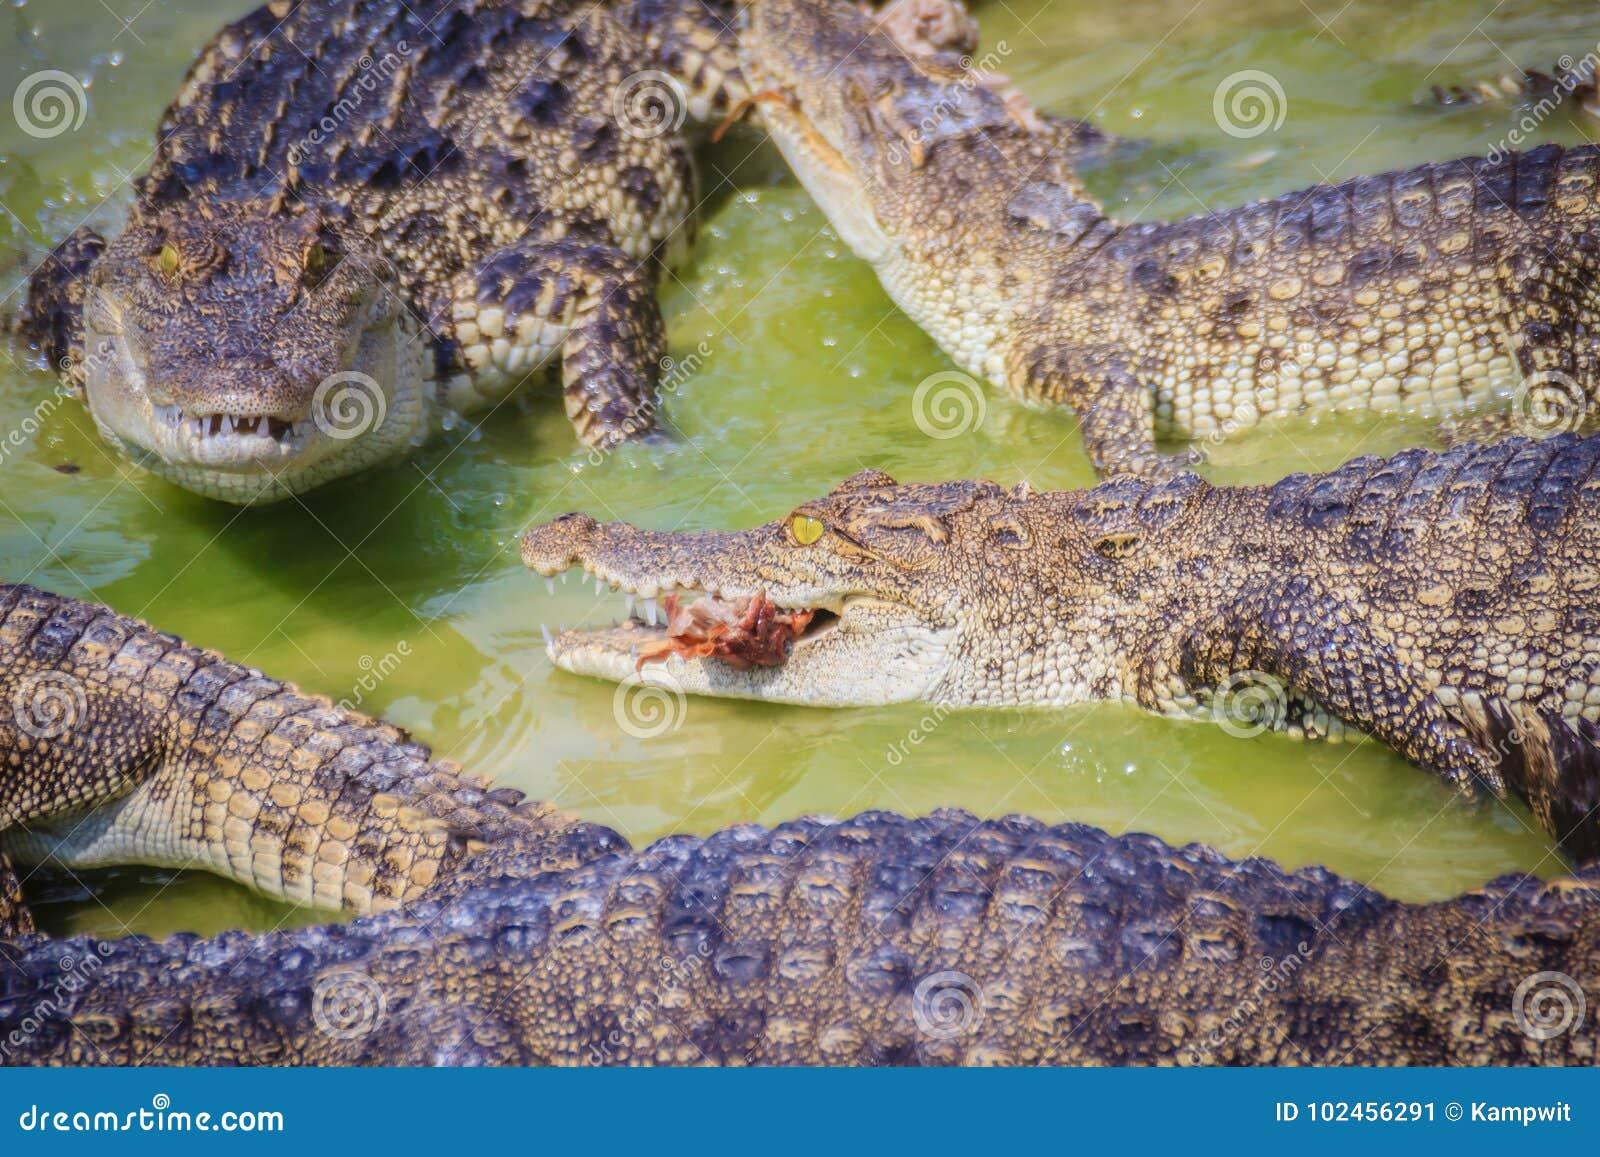 715afe04d7c2 Ο τρομακτικός κροκόδειλος τρώει το φρέσκο κρέας στο αγρόκτημα επίσης μπορεί  τοποθετημένο αγρόκτημα pattaya κροκοδείλων κροκοδείλω